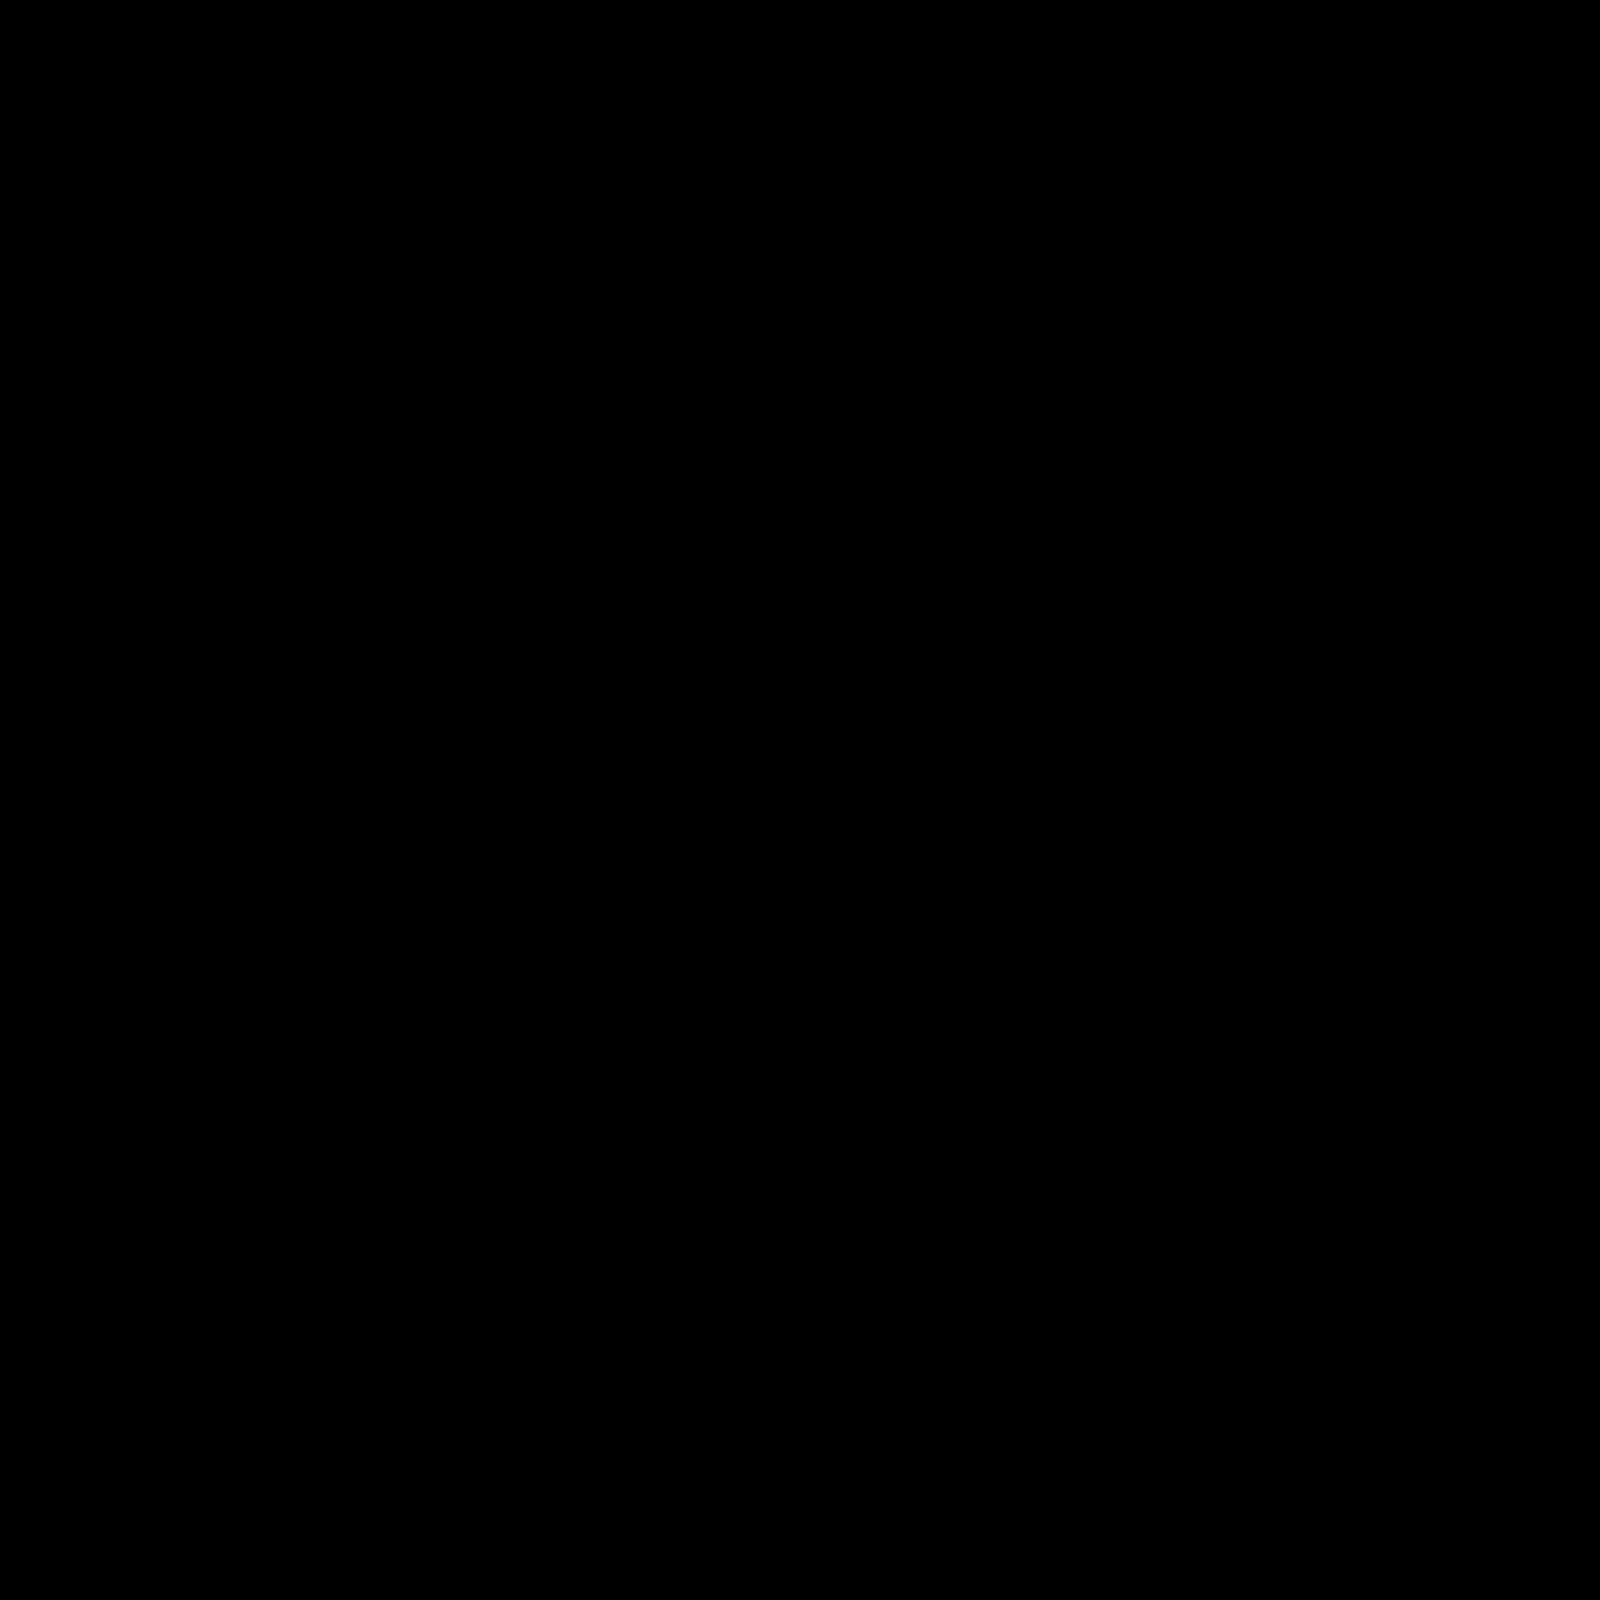 Unión empresa padre icon